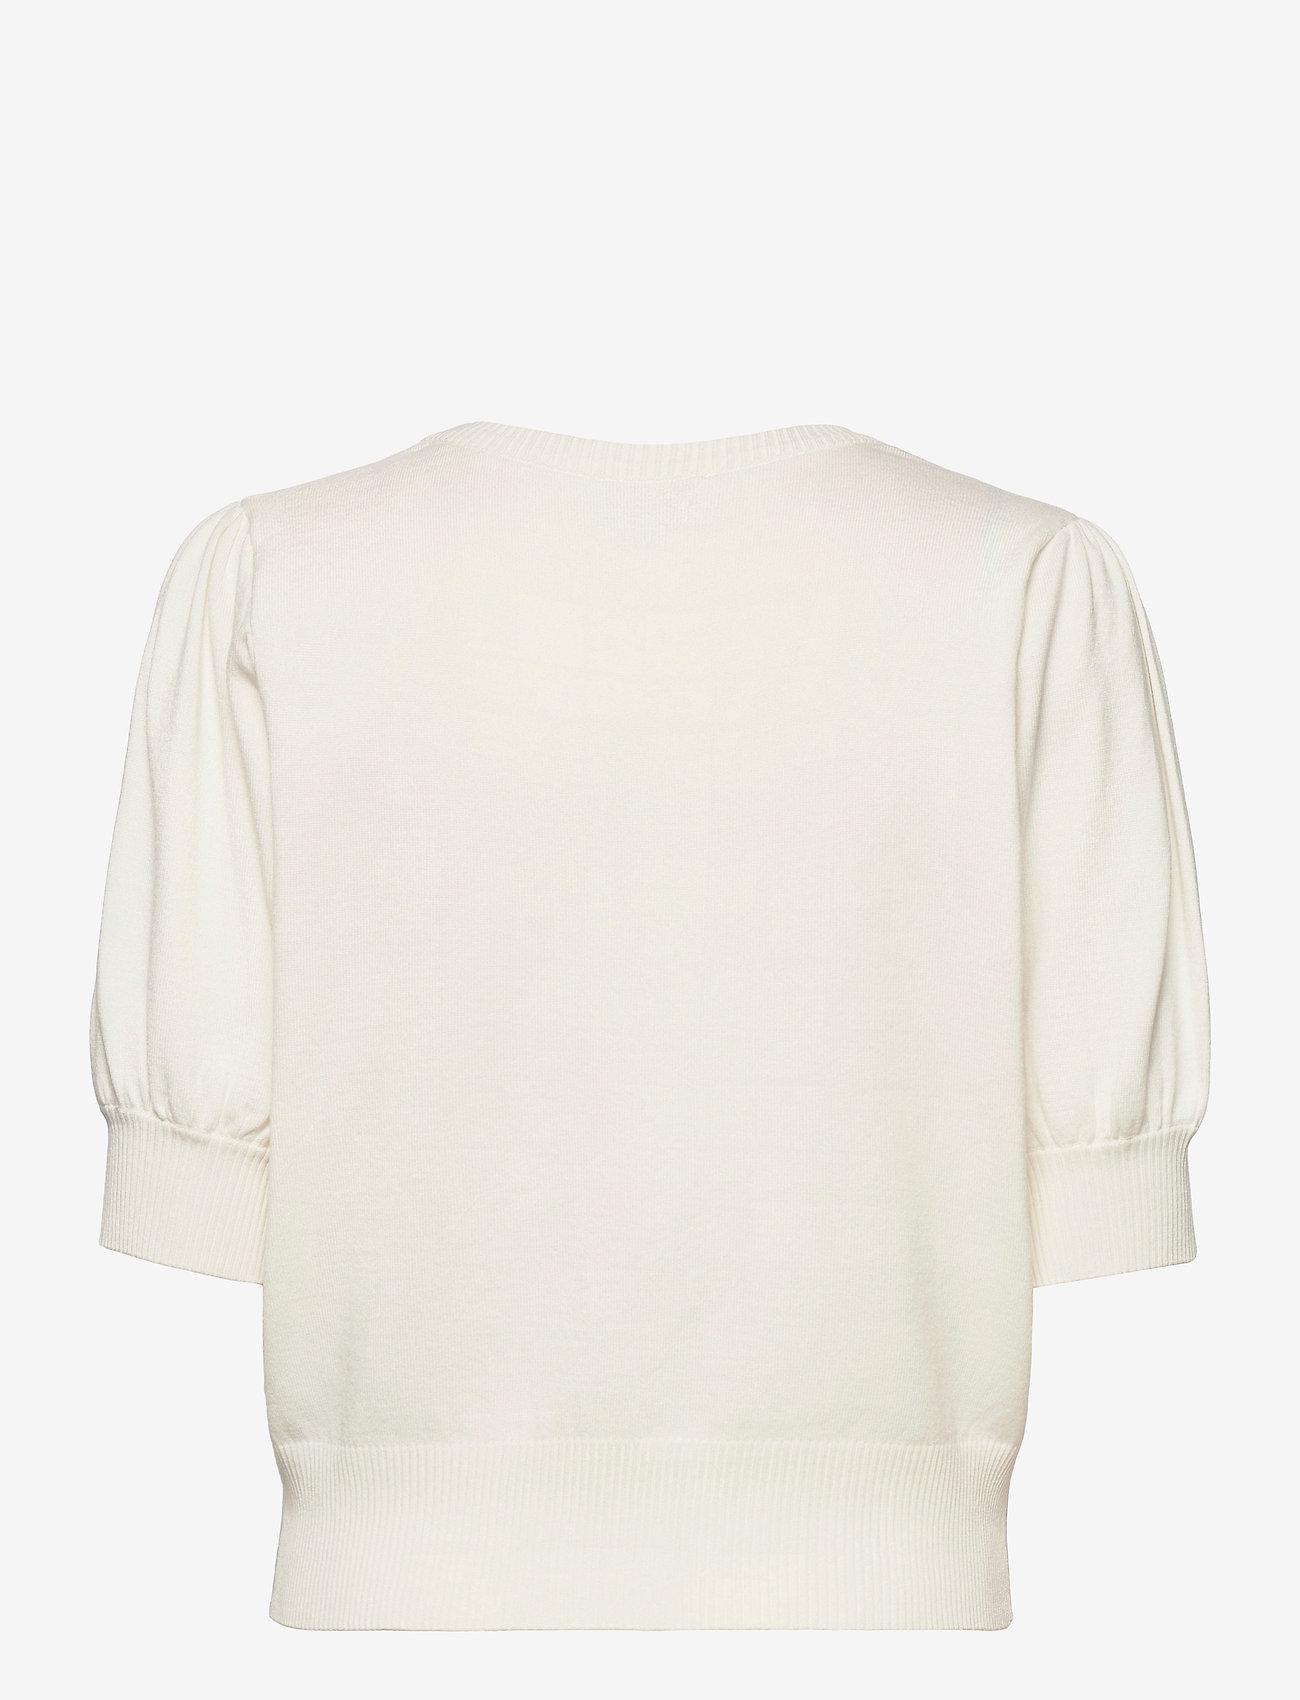 Minus - Liva knit tee - strikkede toppe - broken white - 1